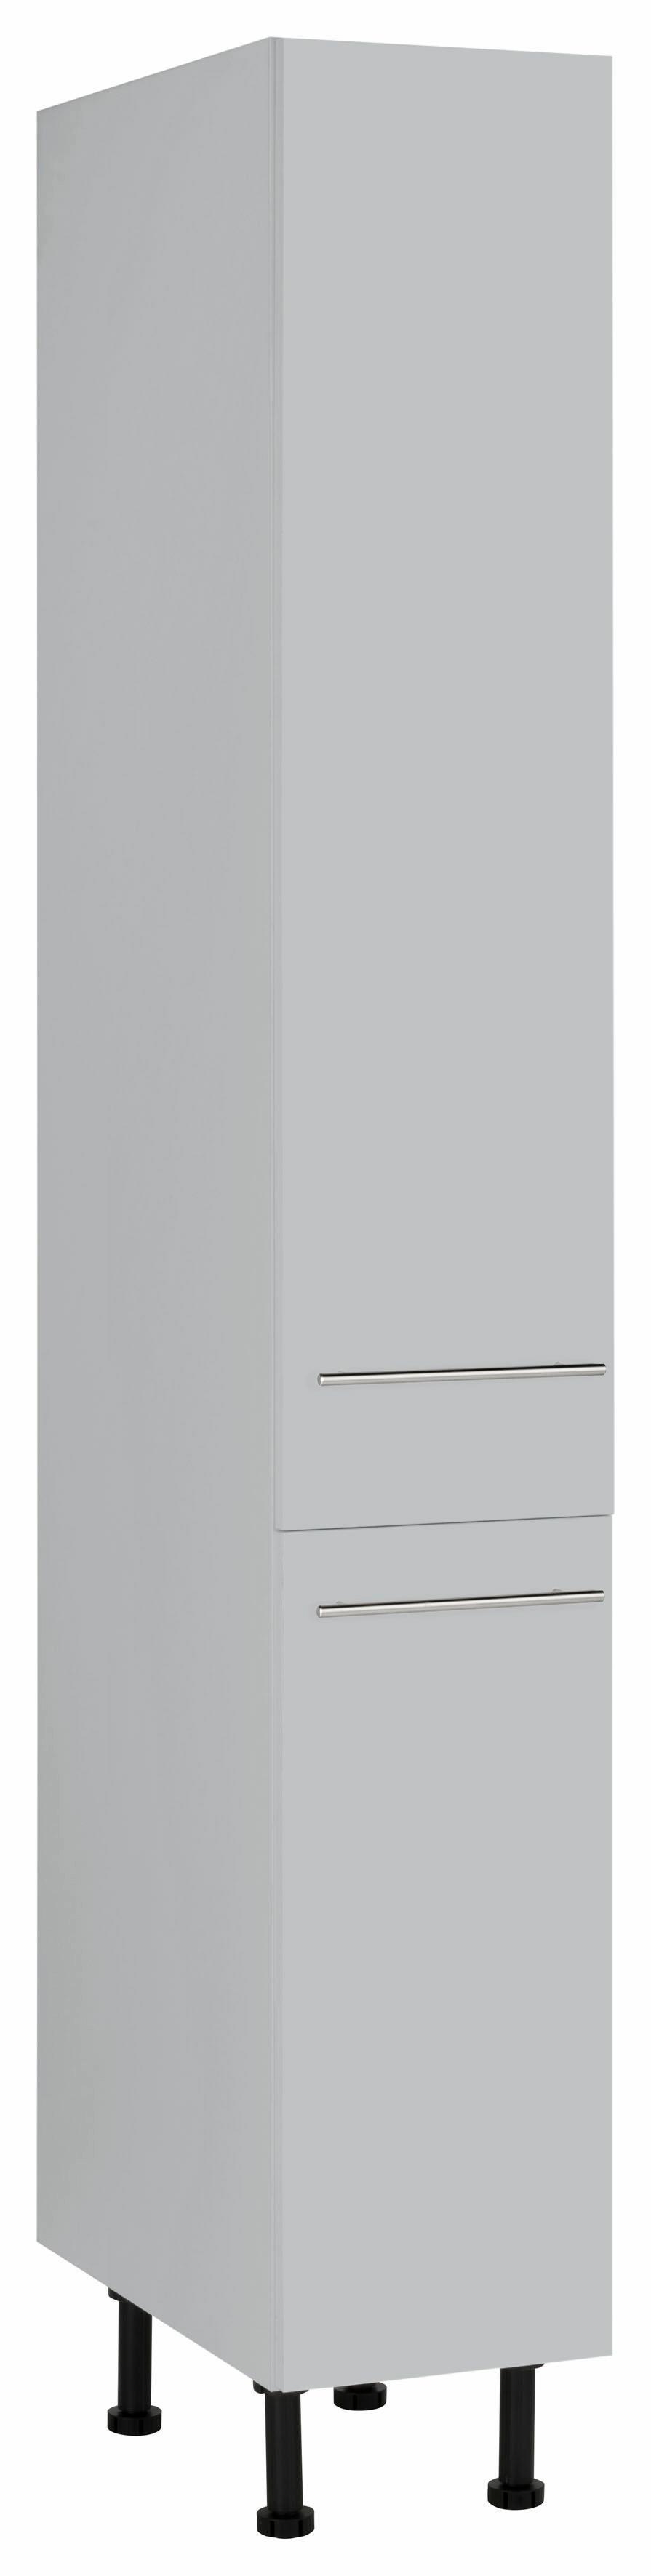 Wiho Küchen Apothekerschrank Ela mit 2 Auszügen mit Soft-Close-Funktion | Küche und Esszimmer > Küchenschränke > Apothekerschränke | Grau | Melamin | Wiho Küchen